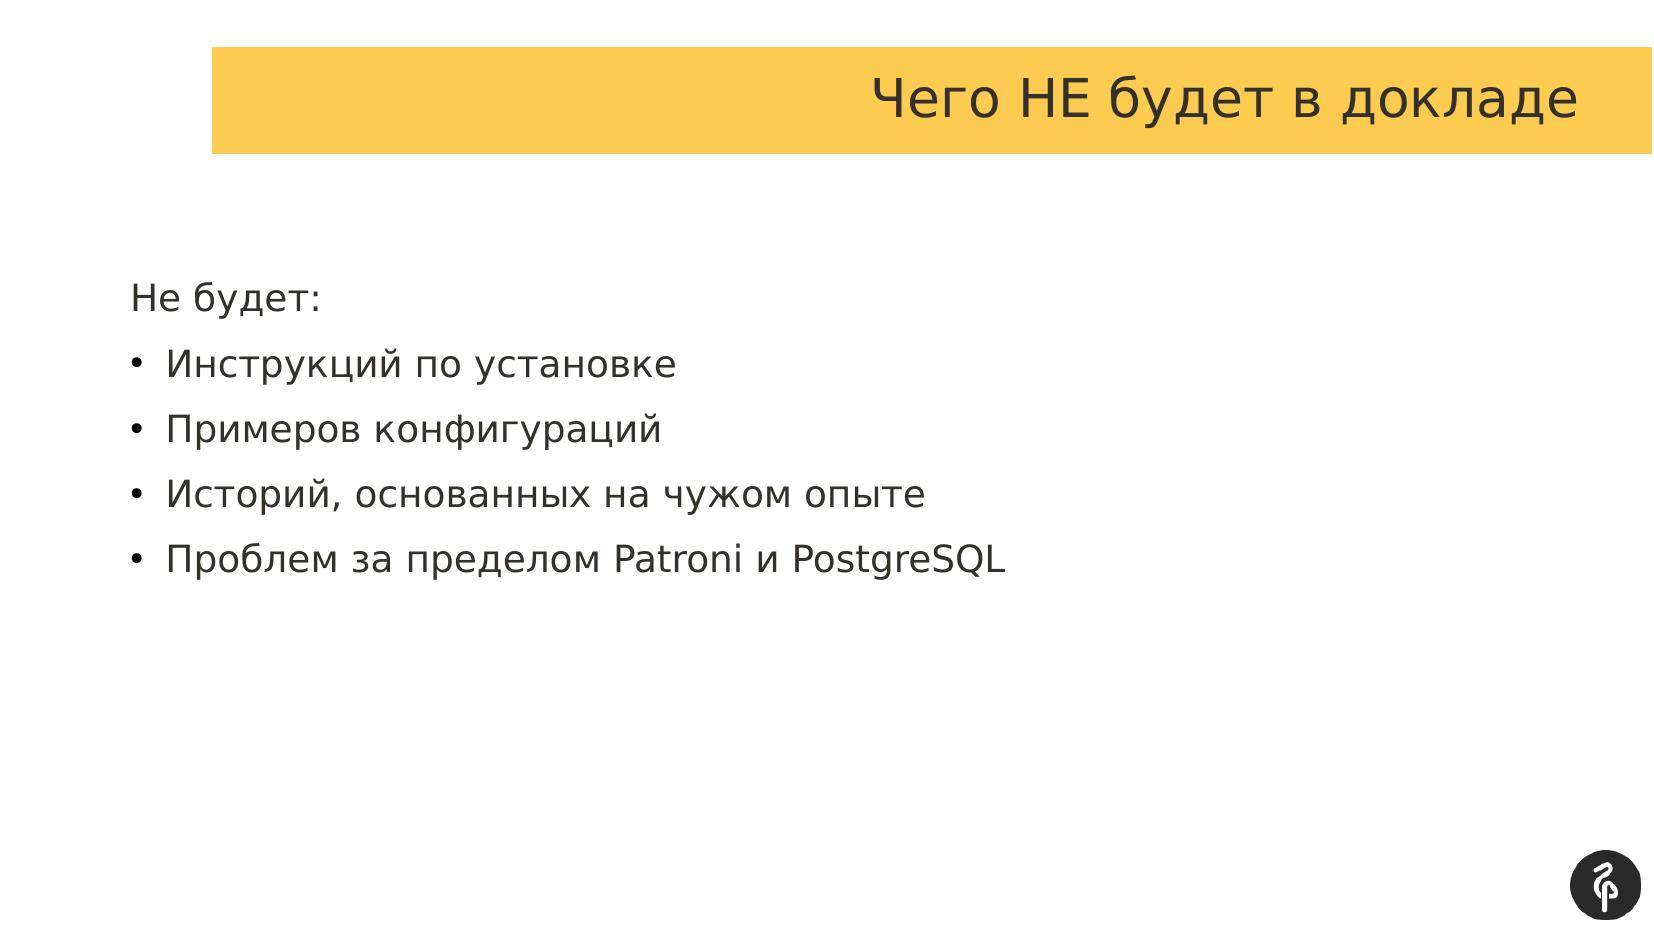 eyu11qquk47cdoz_ptneg-hdlza.png